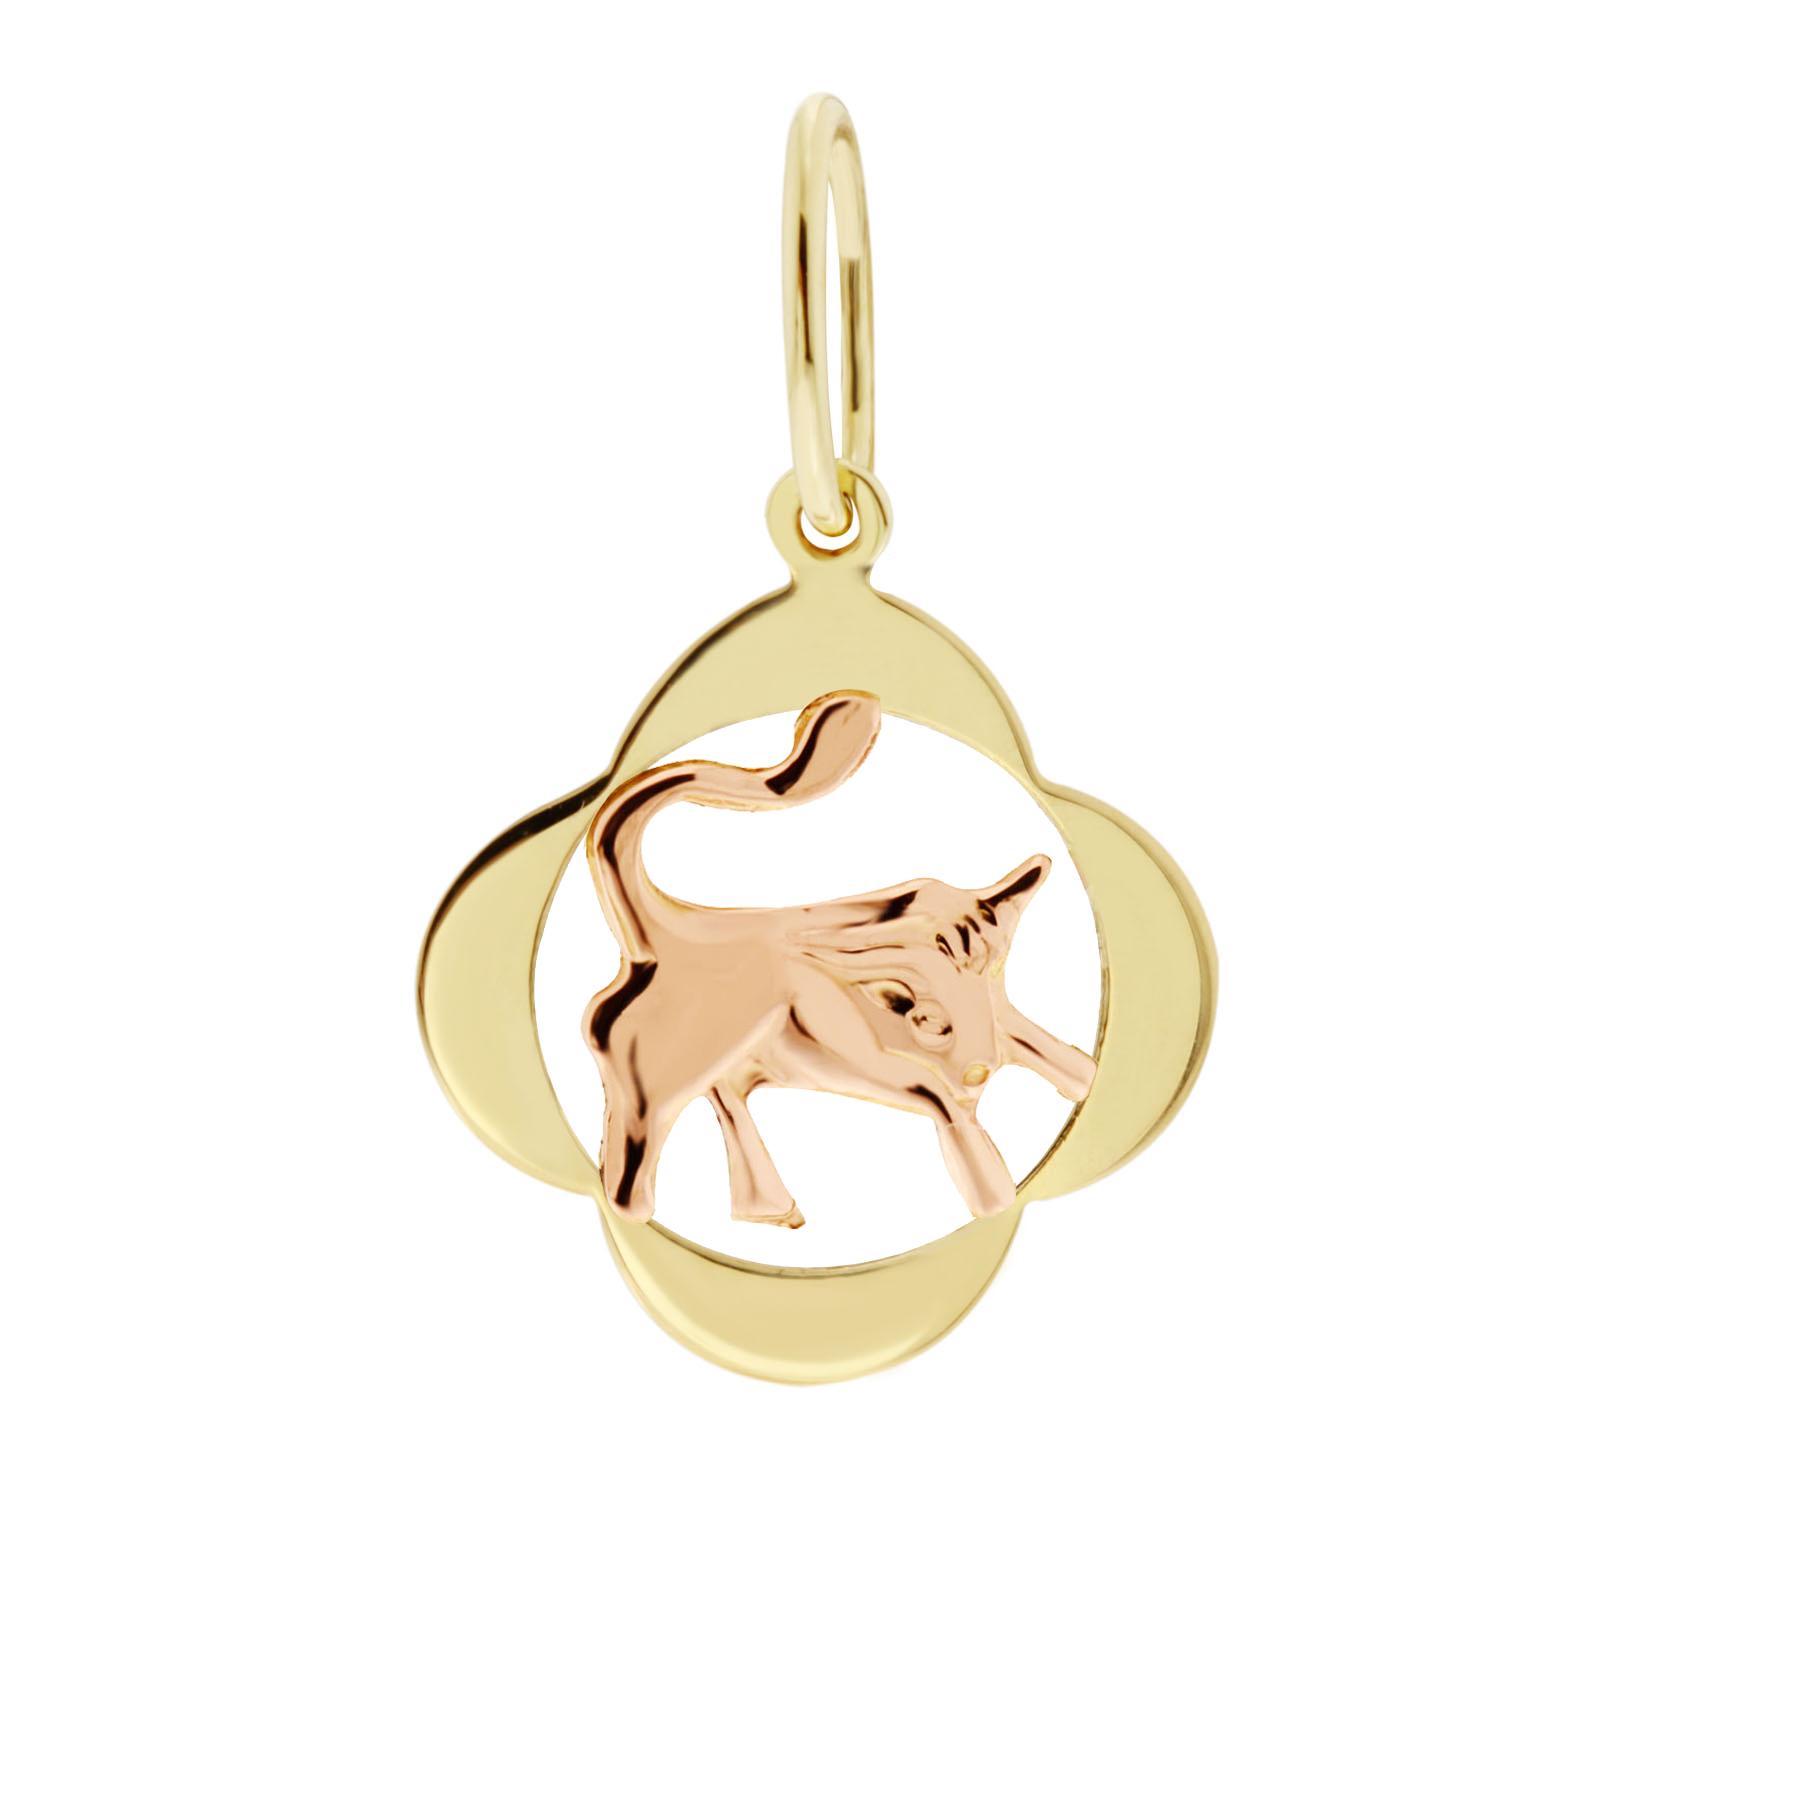 Zlatý přívěsek - znamení zvěrokruhu Býk Tvar: Čtyřlístek, hladký rámeček